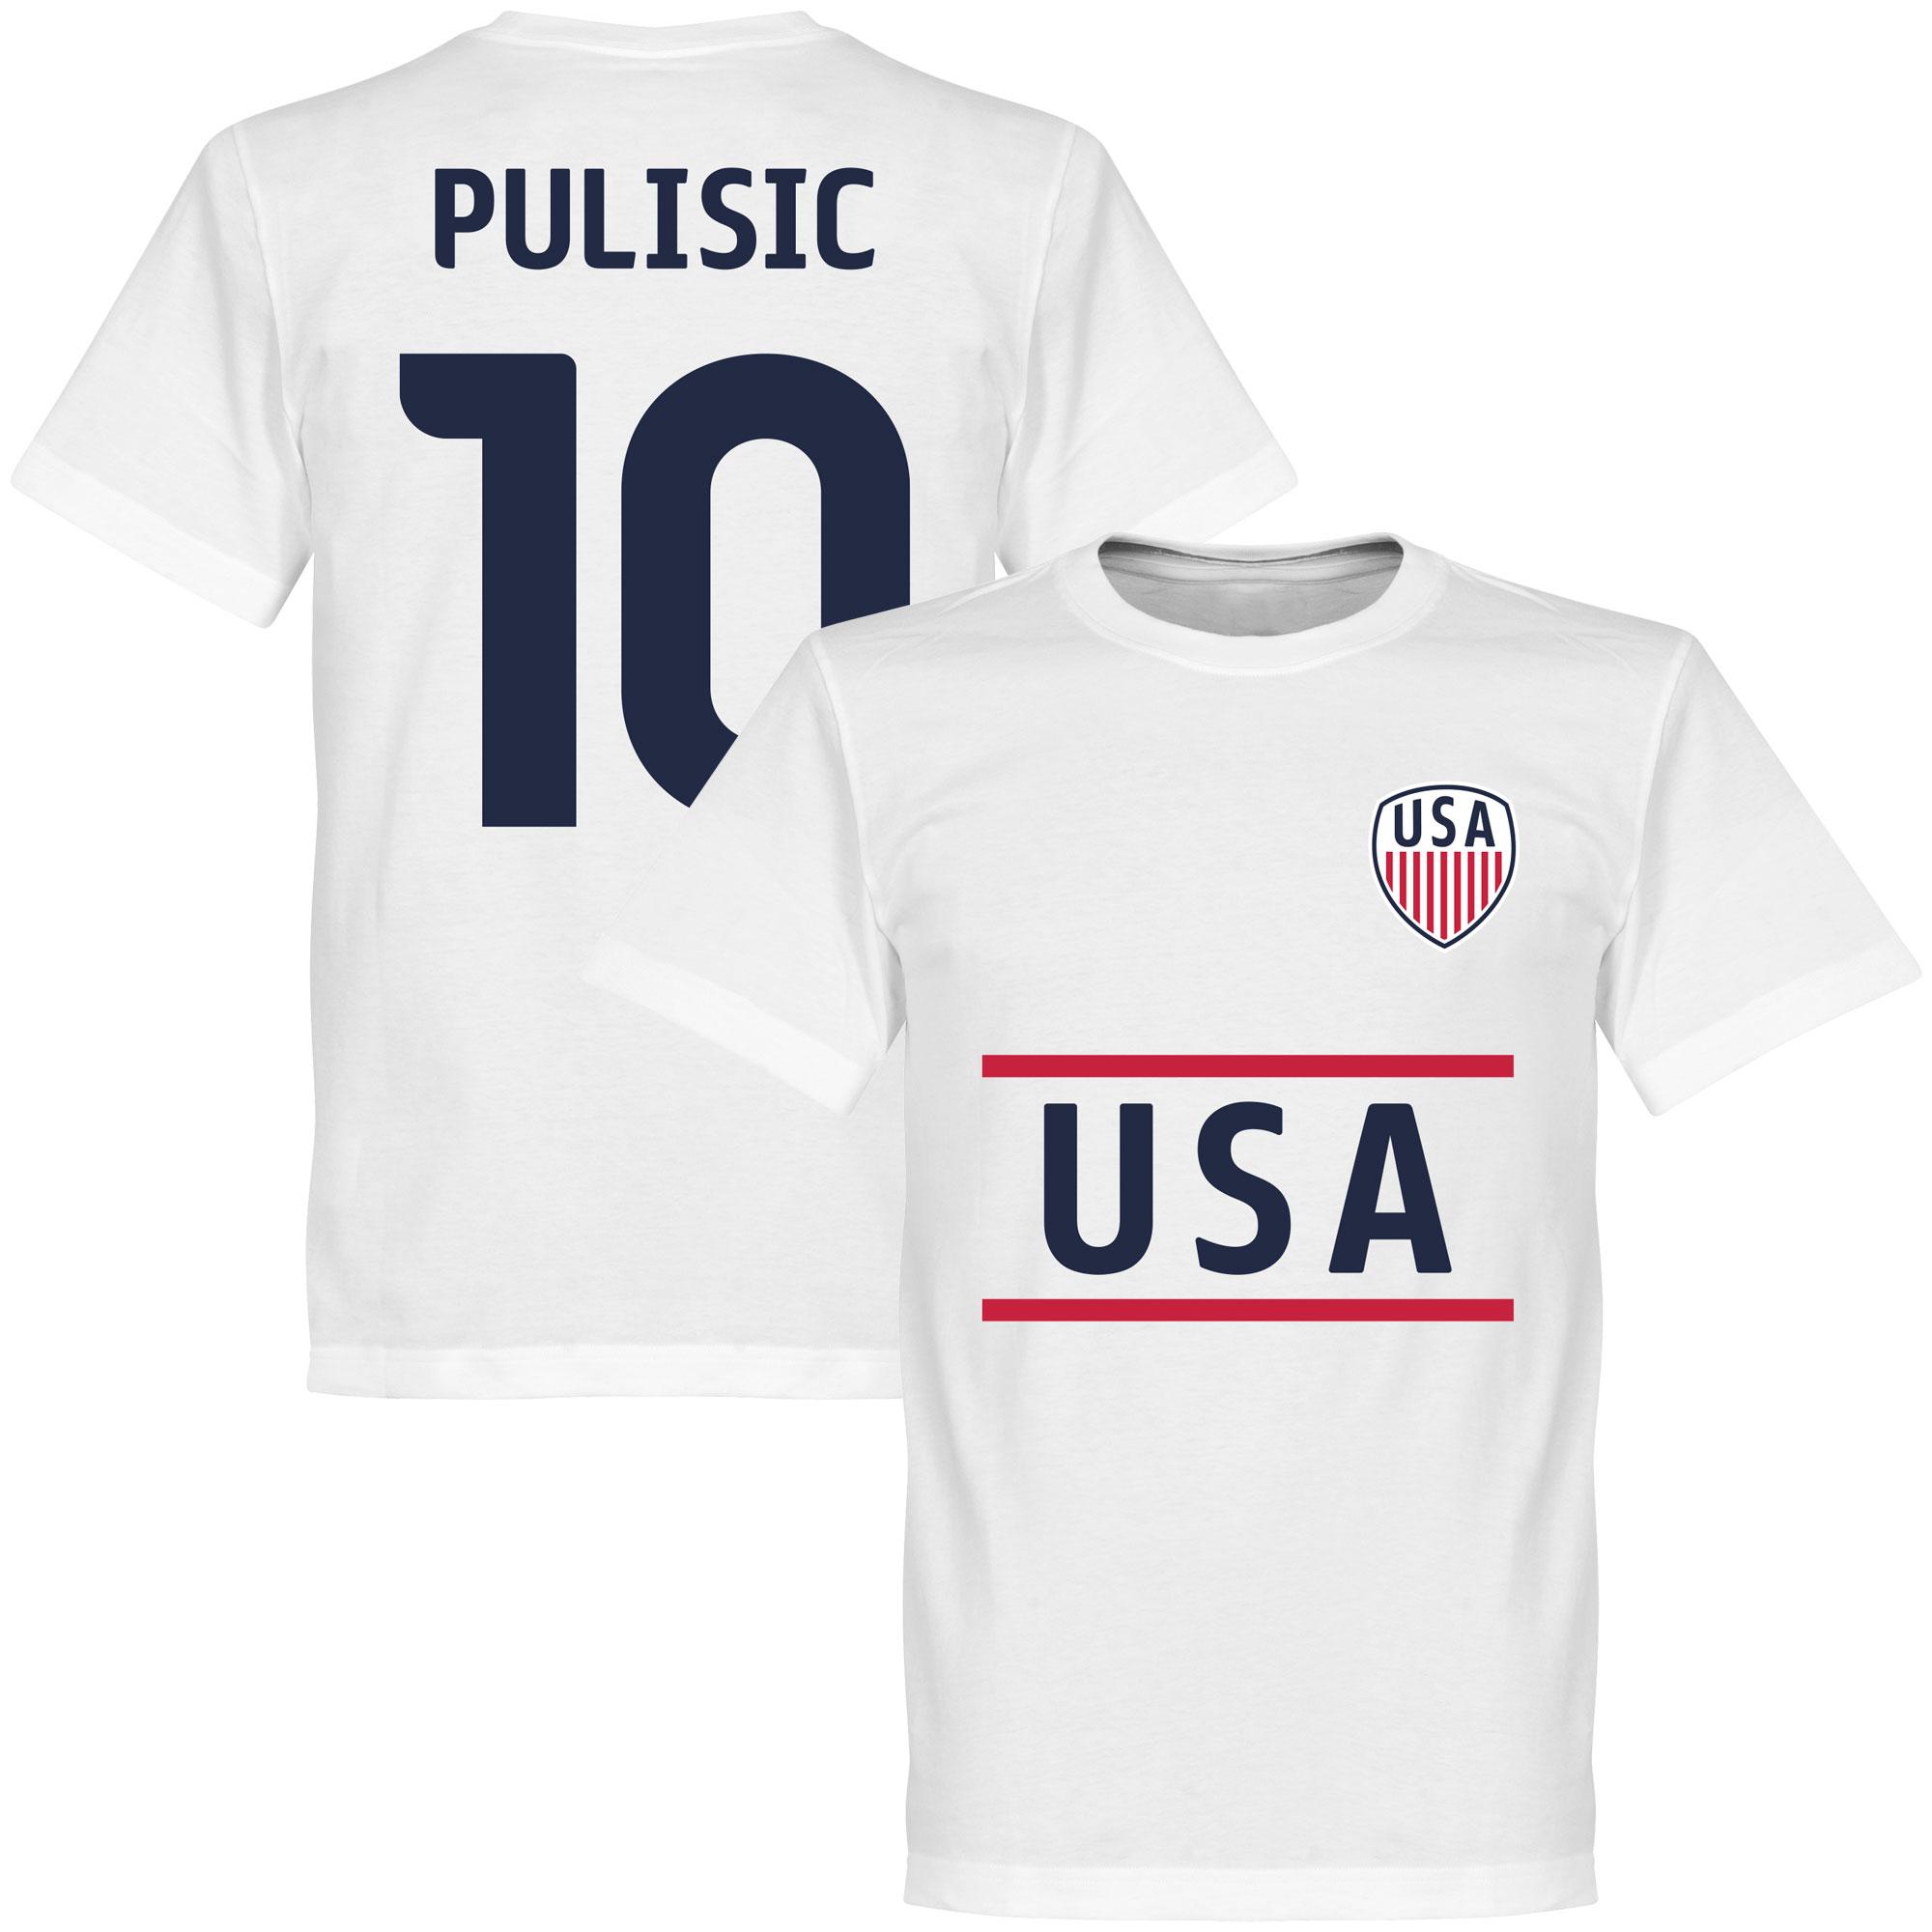 USA Pulisic Team Tee - White - XXXXXL